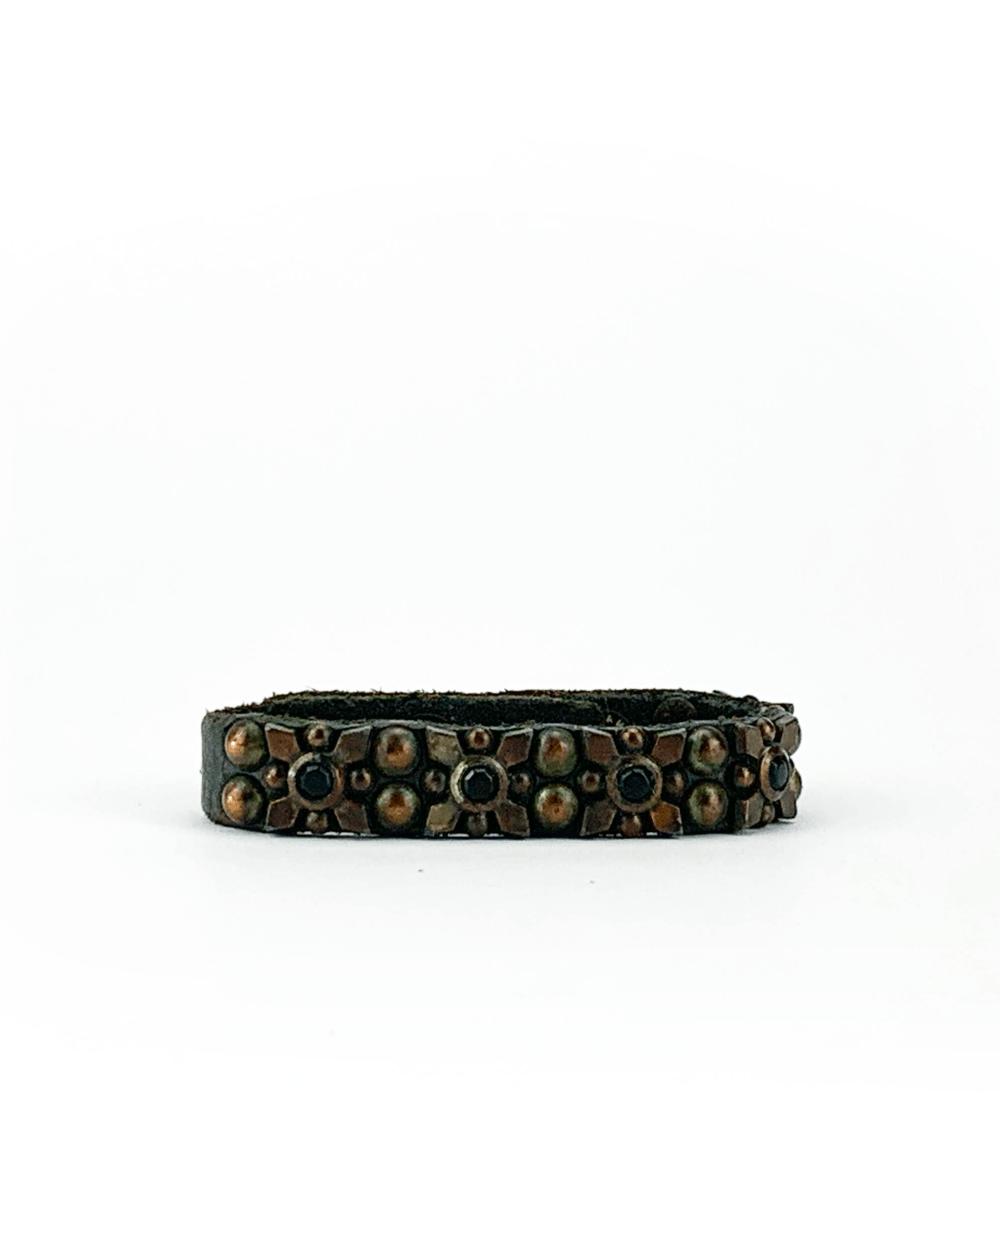 Bracciale in cuoio di toro lavorato a mano con accessori in metallo ossidato e pietre nere.